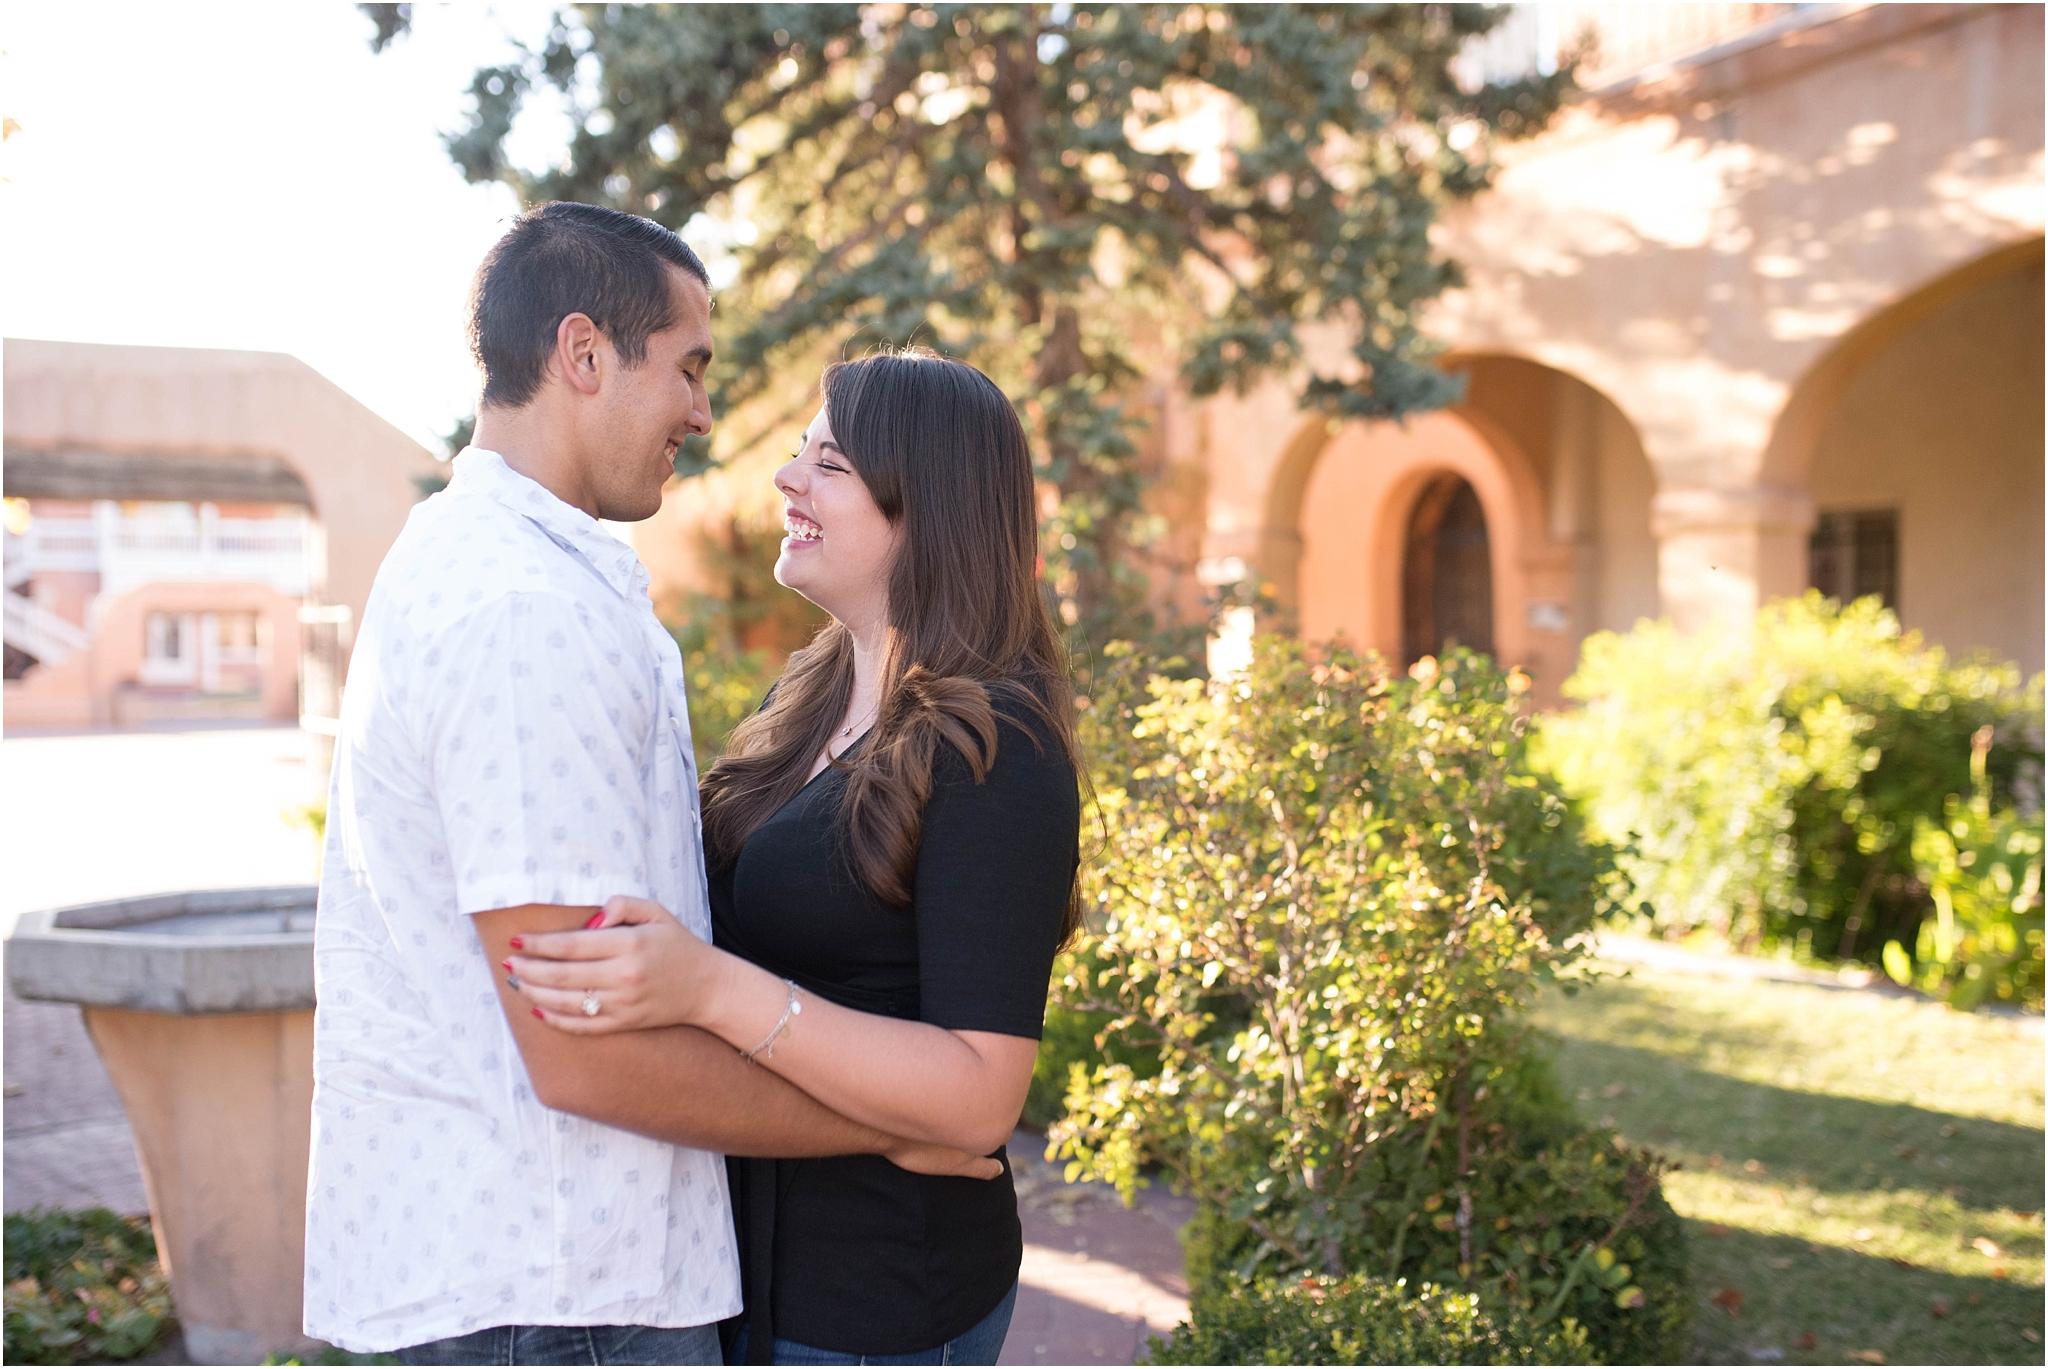 kayla kitts photography - new mexico wedding photographer - albuquerque botanic gardens - hotel albuquerque_0070.jpg